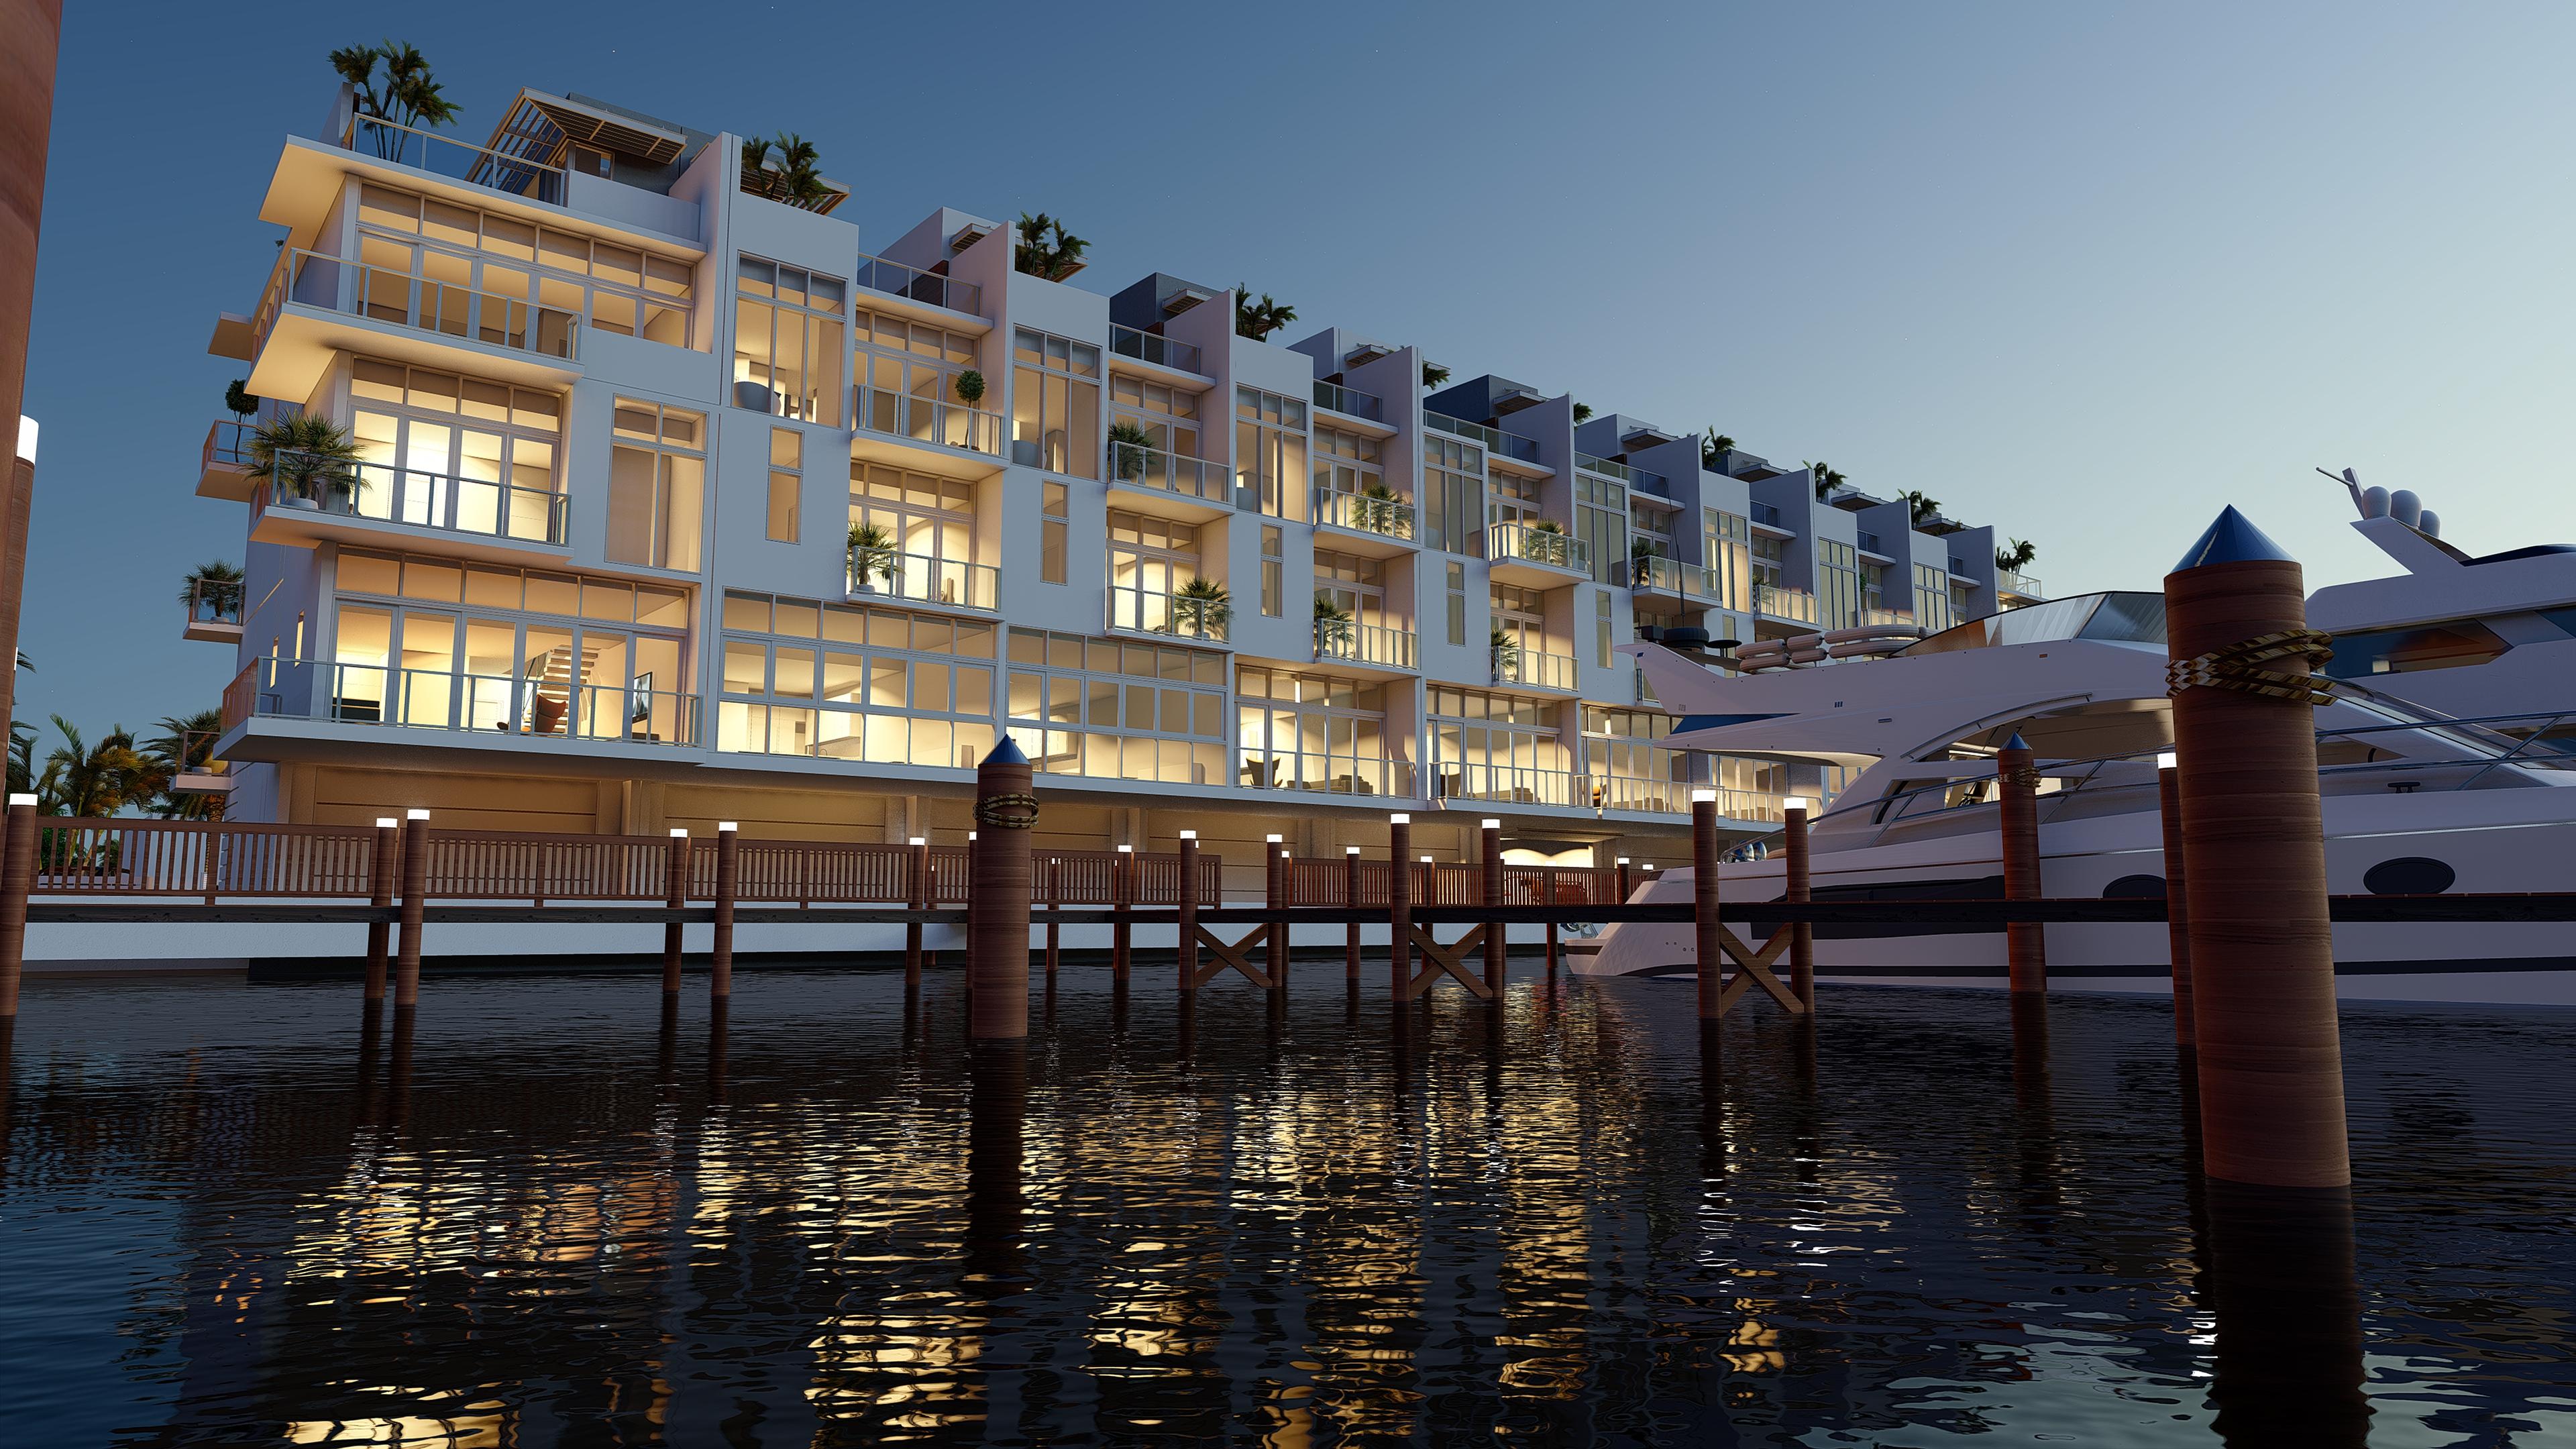 Edificio Residencial de Lujo Quint Collection Hollywood. Florida, E.E.U.U - Perspectiva 2